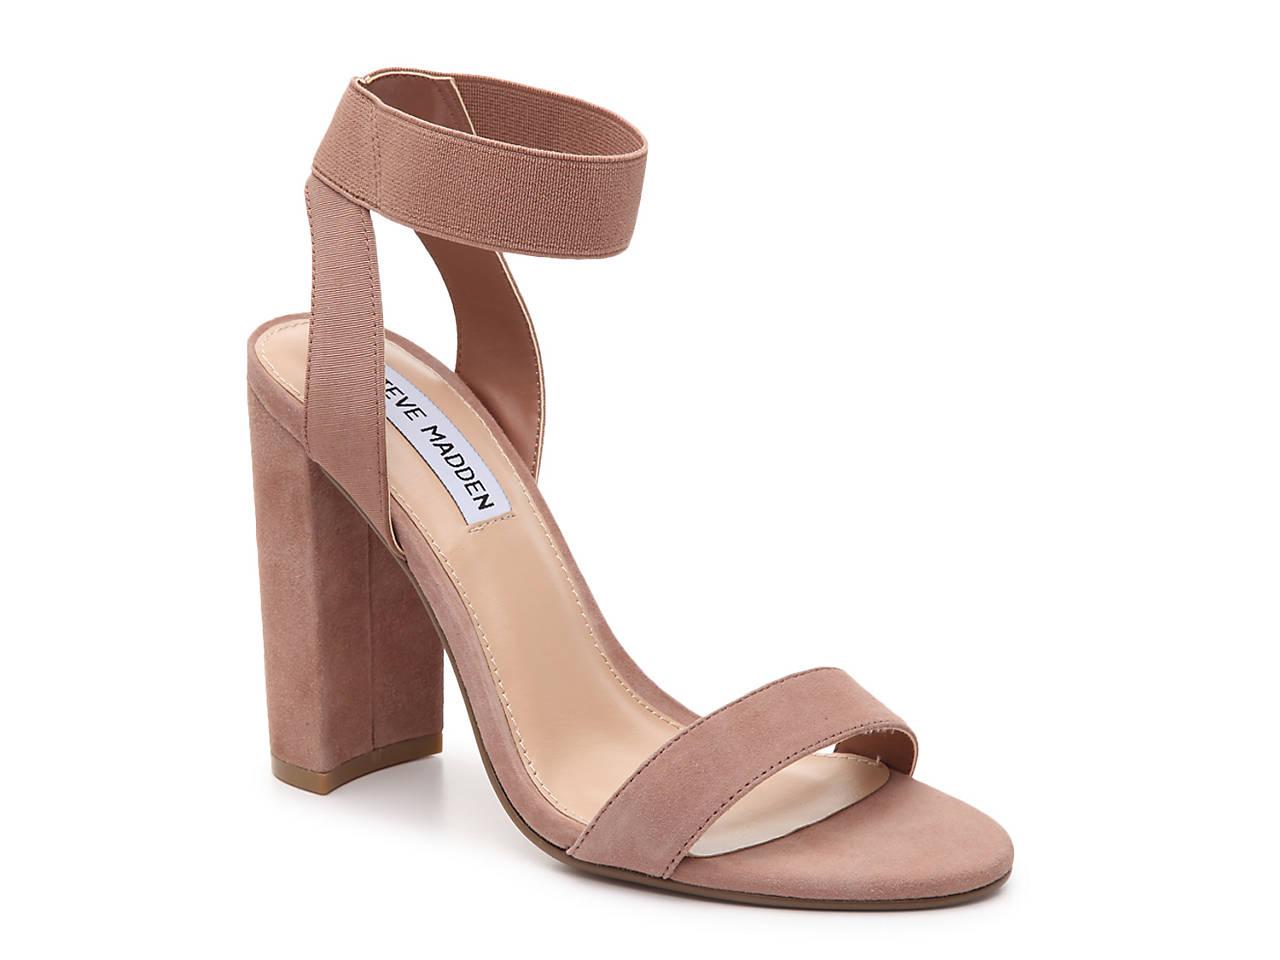 da0bf859f139 Steve Madden Celebrate Sandal Women s Shoes